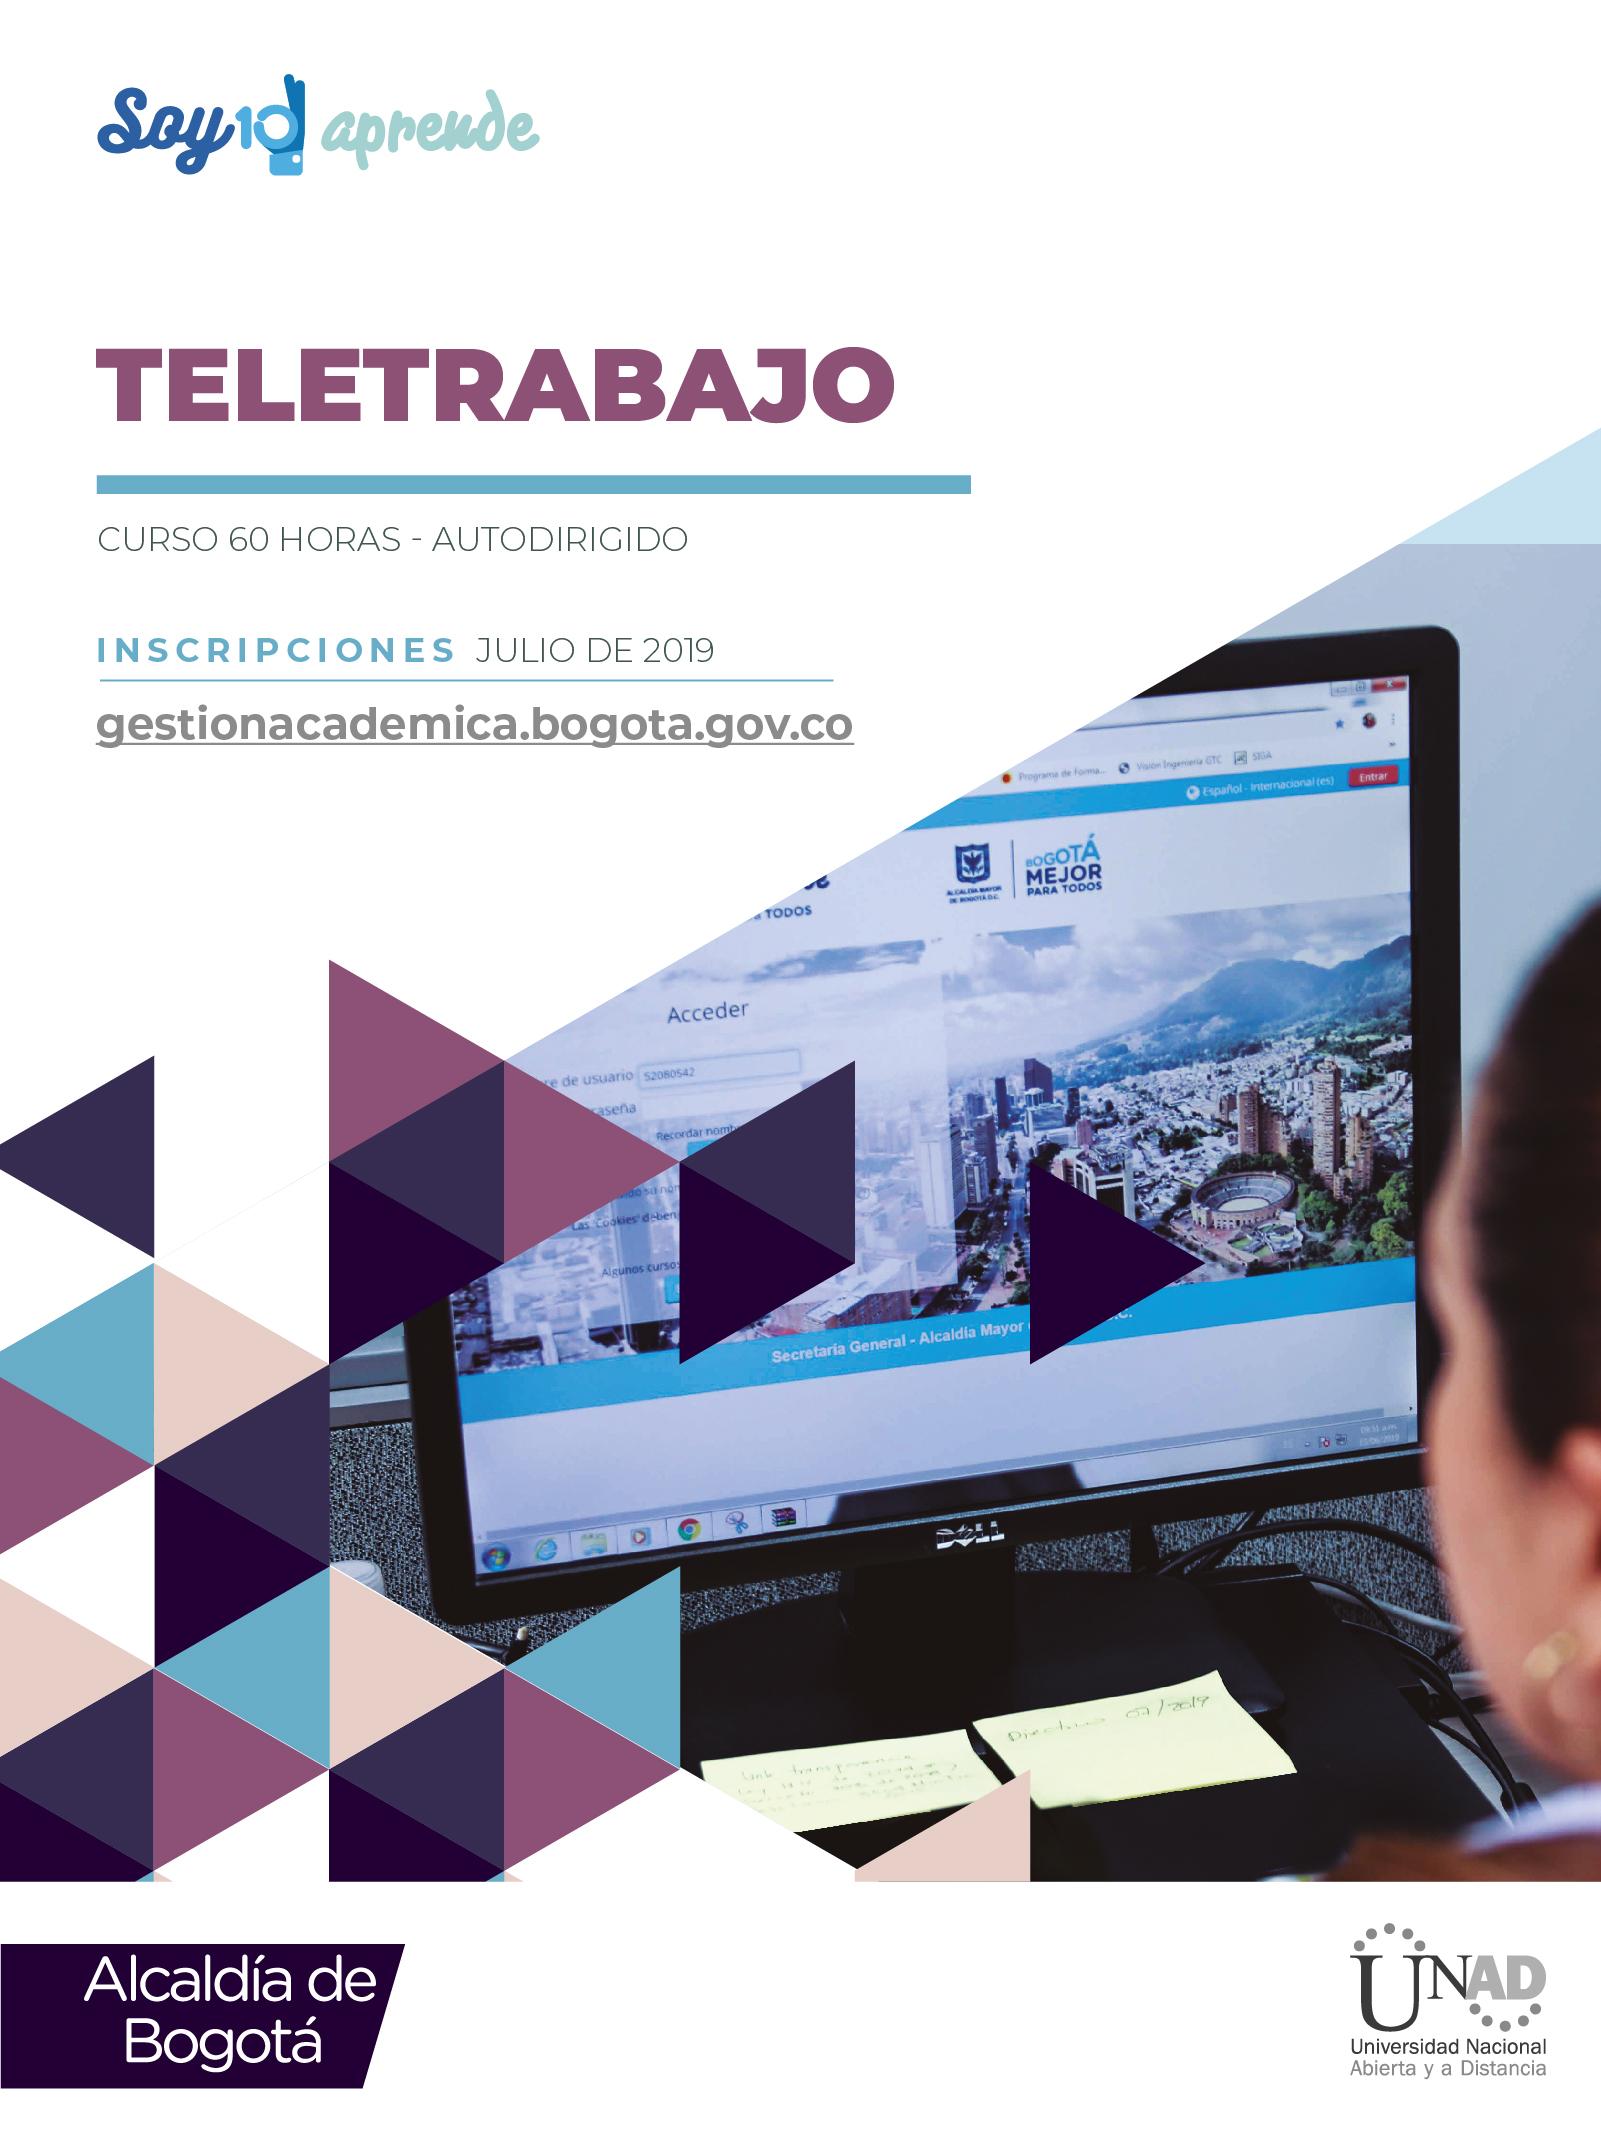 Imagen Teletrabajo